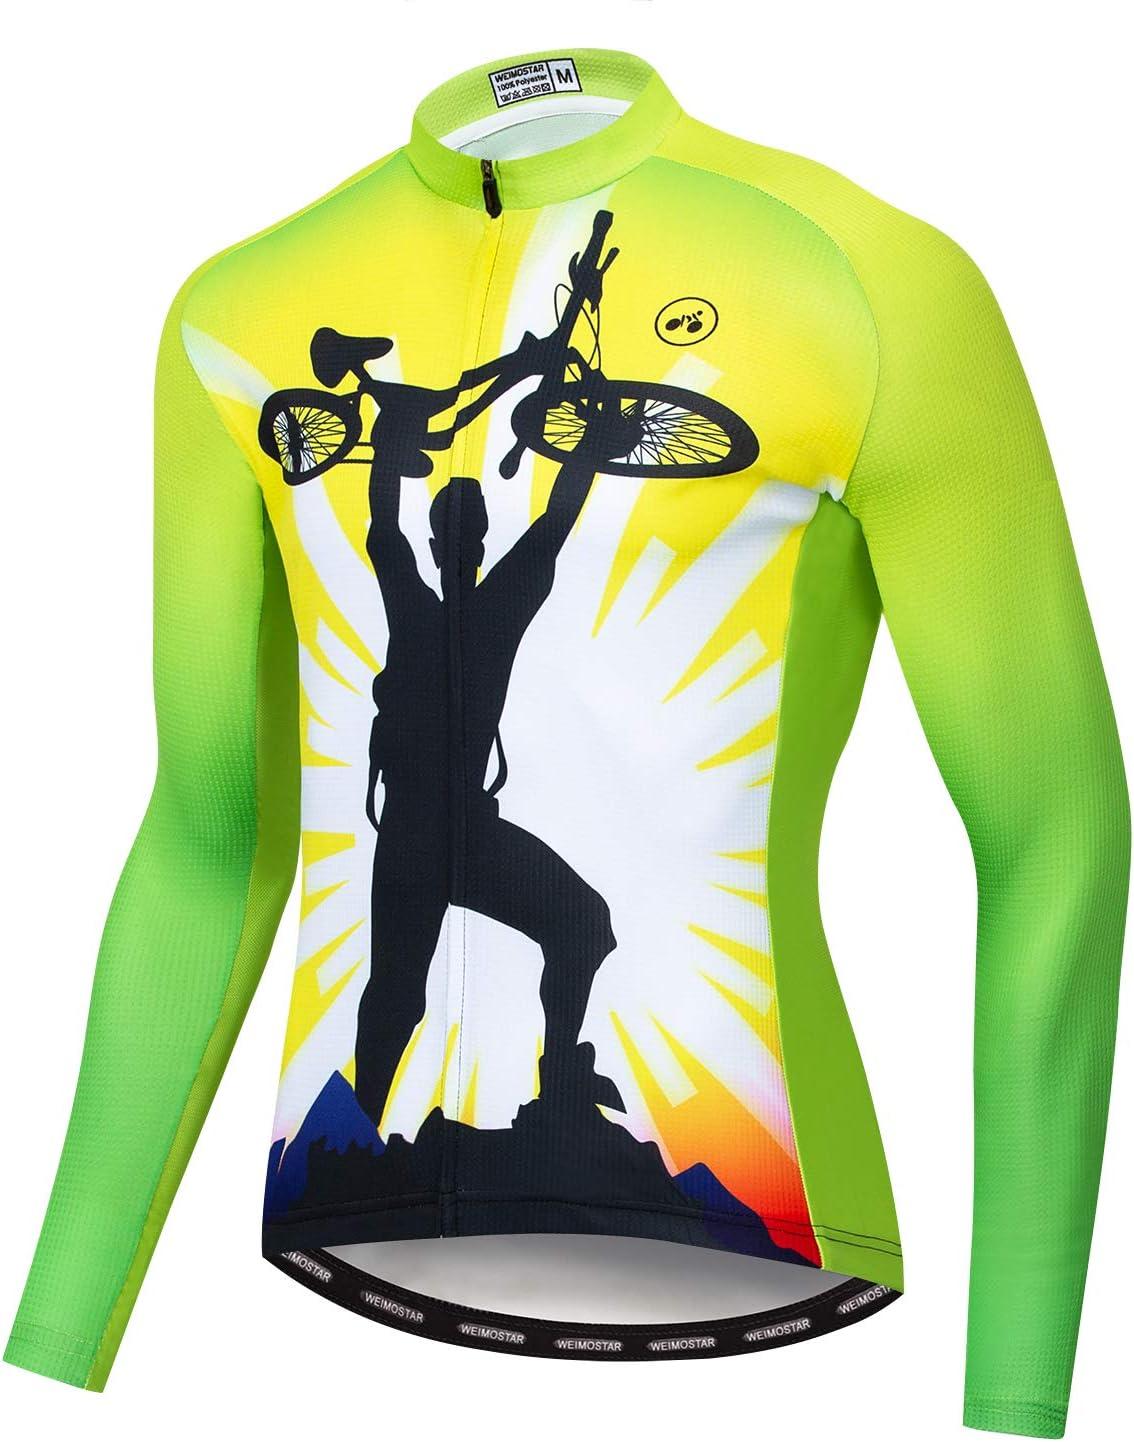 Weimostar - Camiseta de manga larga para hombre, diseño de equipo de MTB, para hombre, talla S-XXXL, transpirable, secado rápido, bolsillo